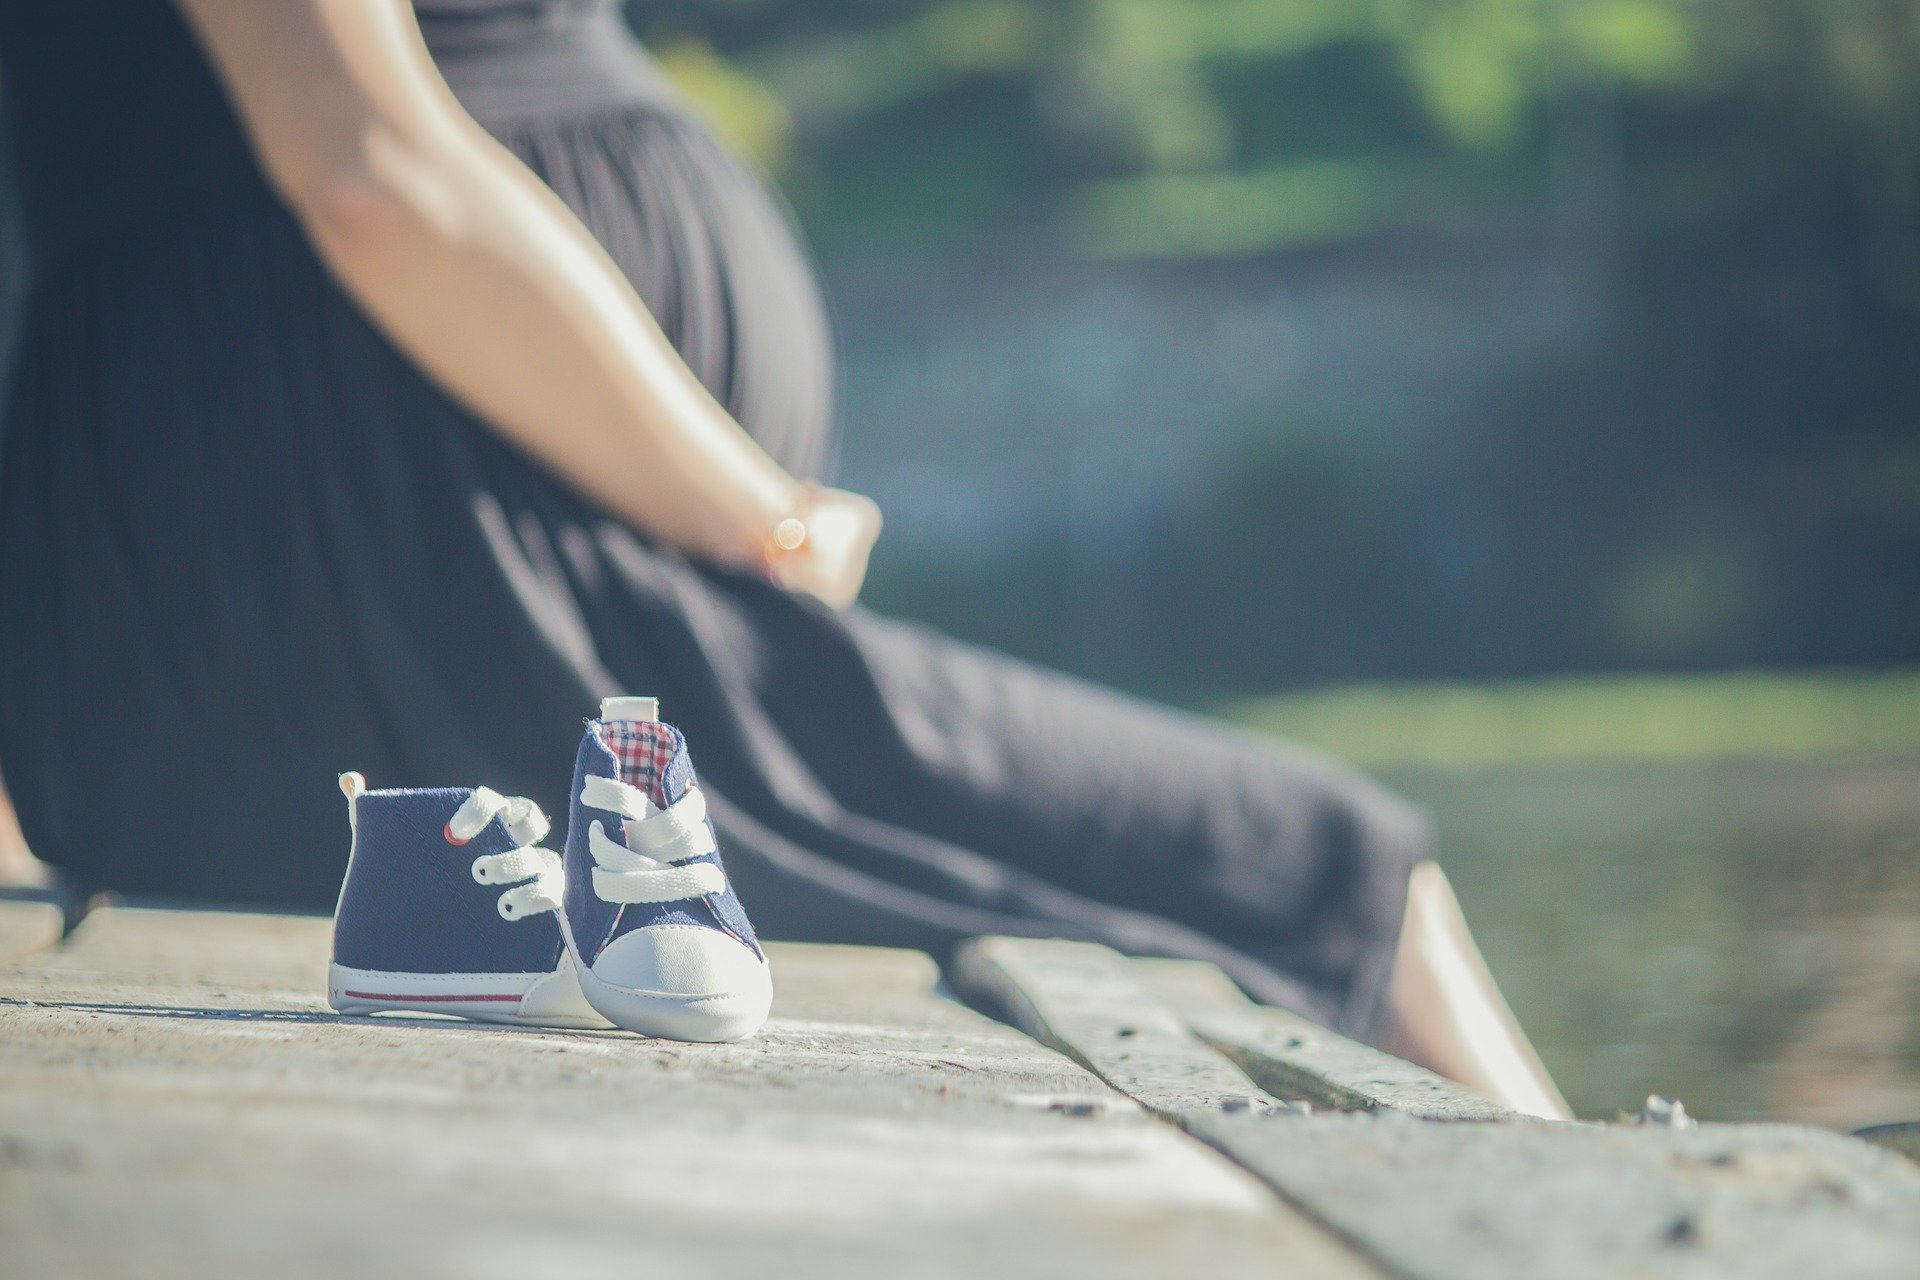 Fecomércio MG solicita que empregada gestante seja remunerada pela licença-maternidade